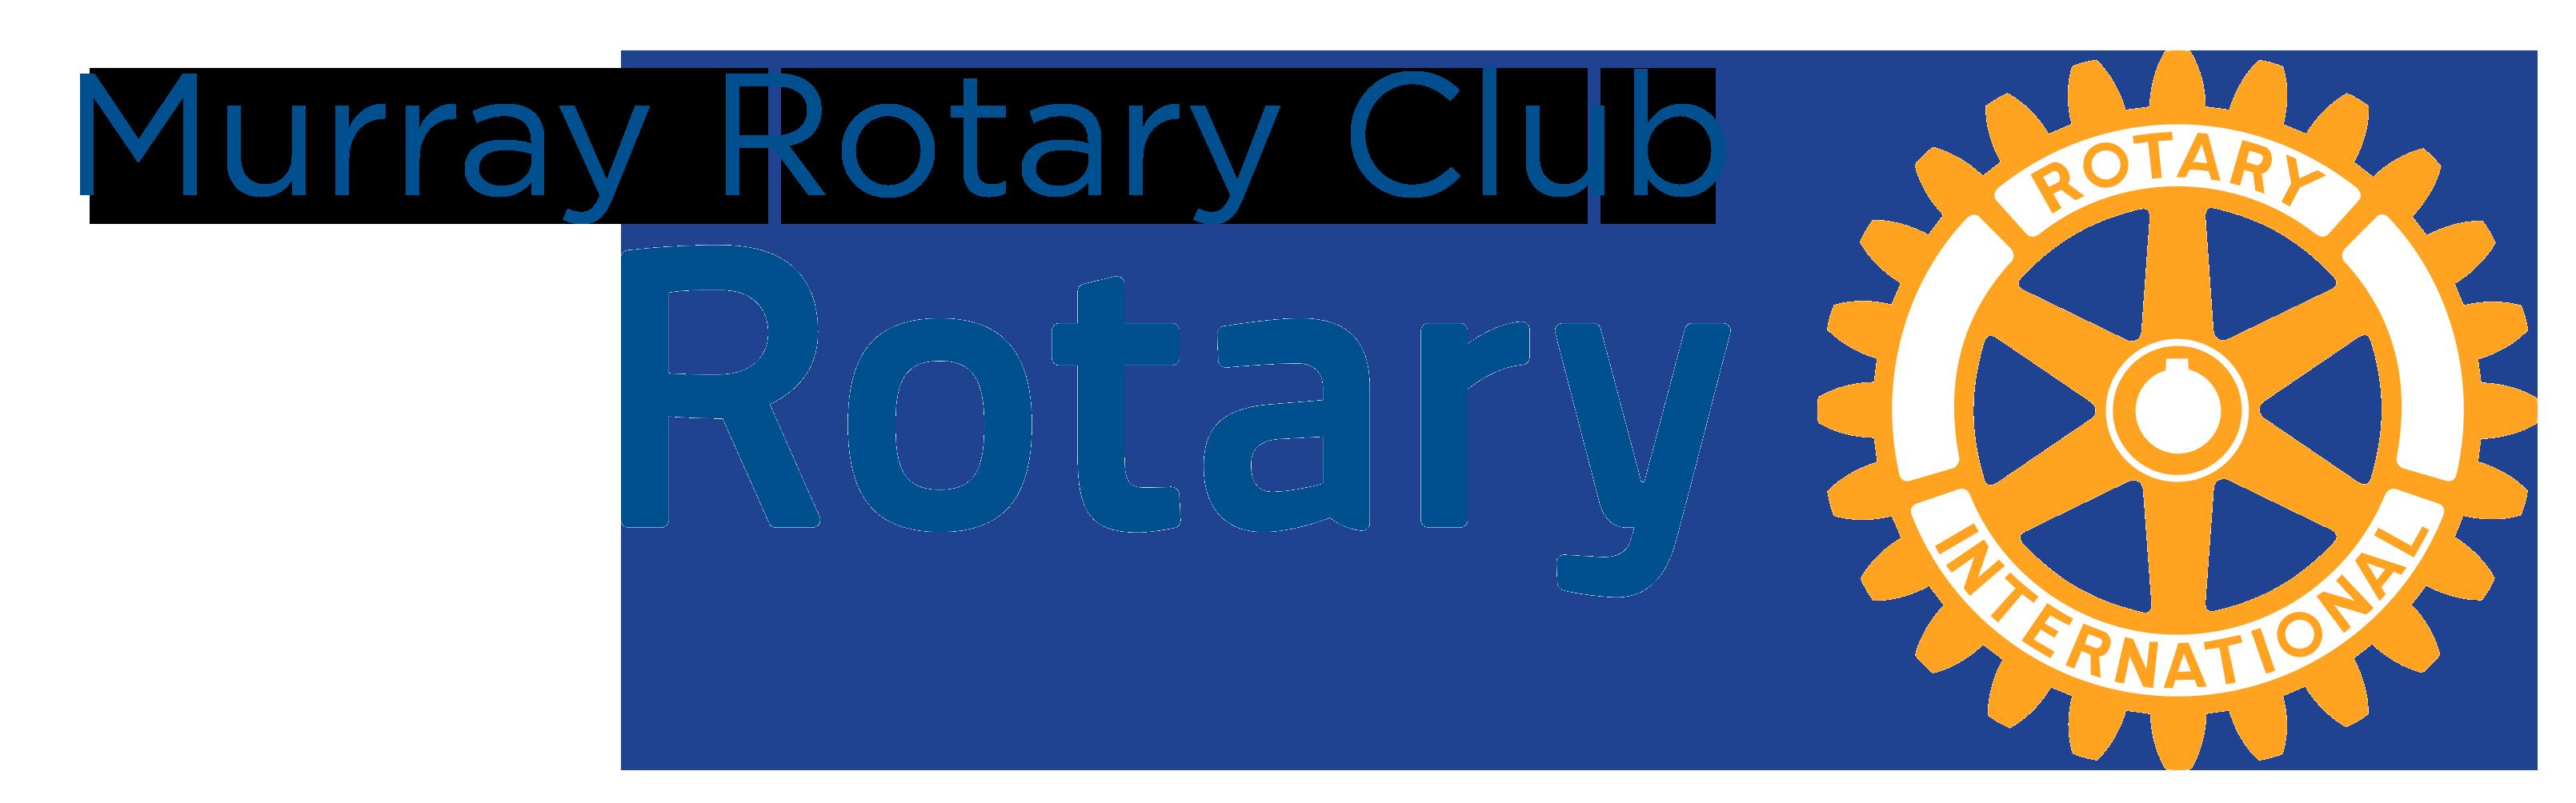 Murray Rotary